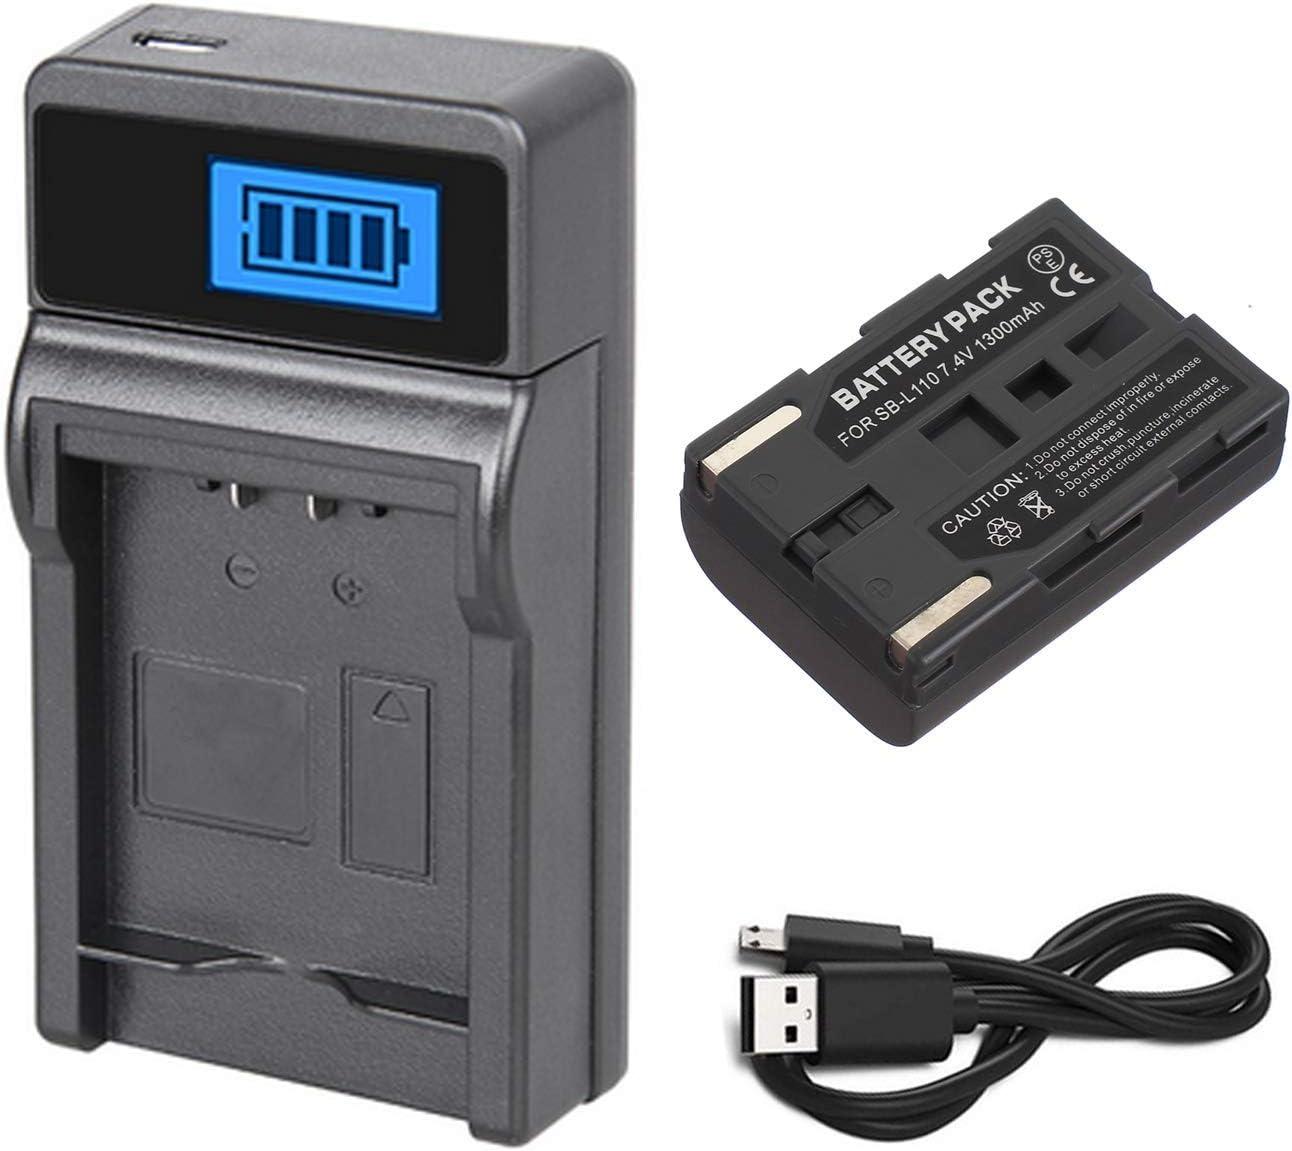 VP-D65 Digital Video Camcorder Battery Pack for Samsung VP-D55 VP-D60 VP-D63